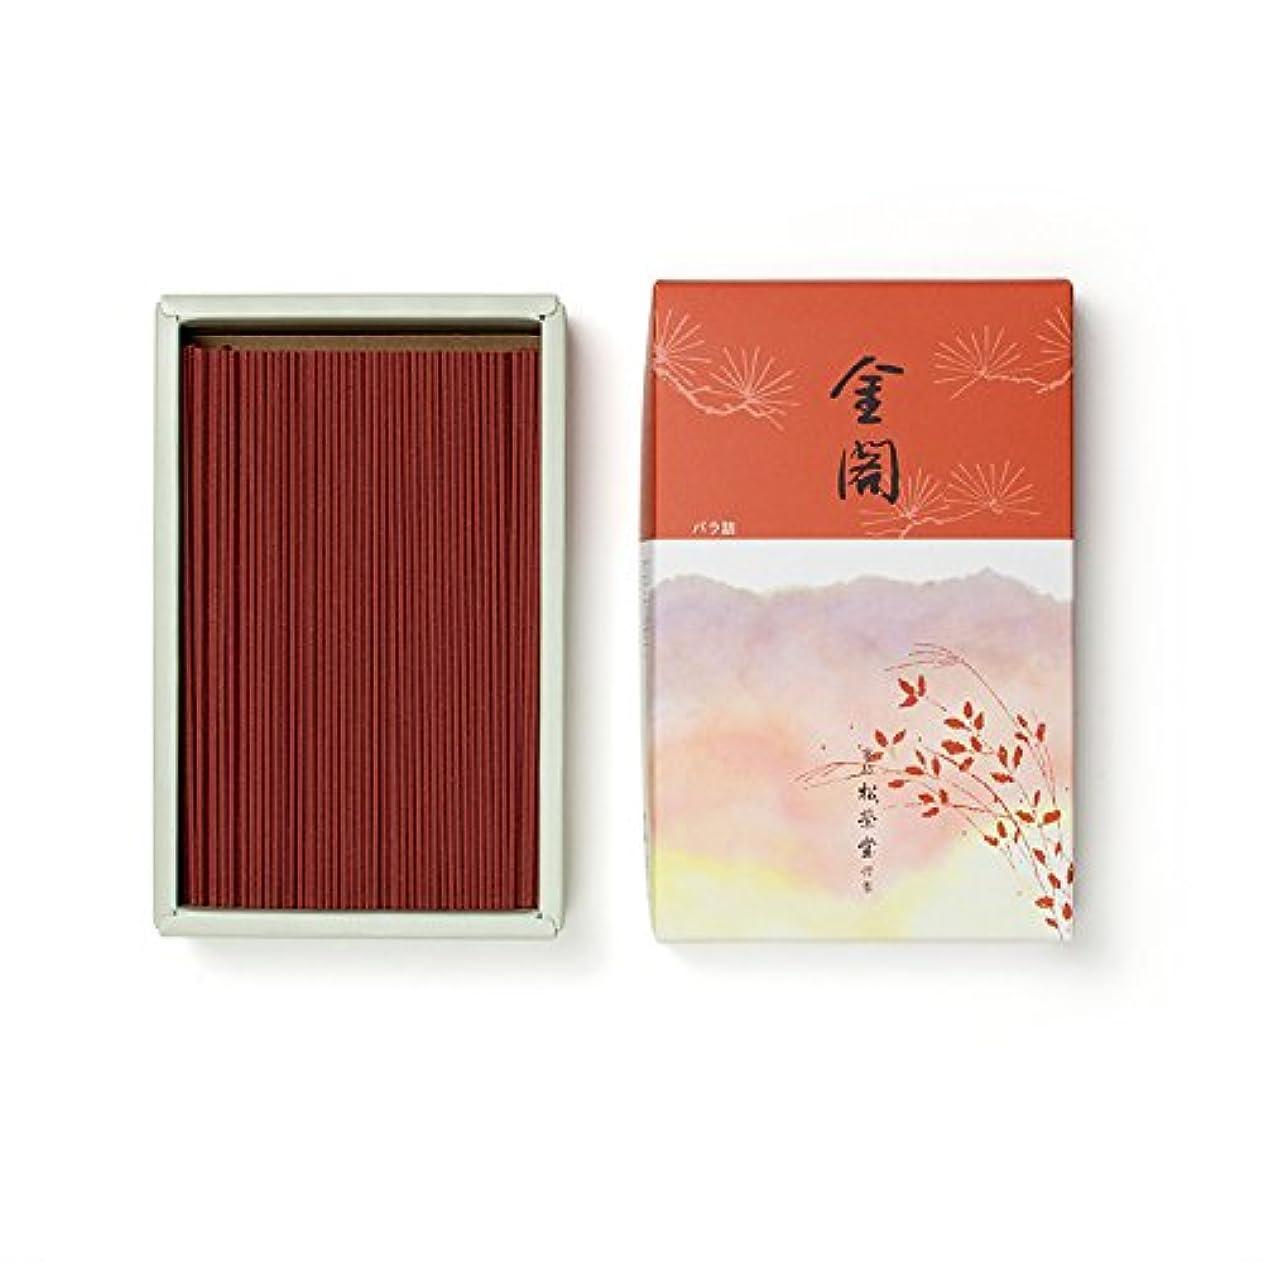 放牧するアラームホストShoyeido's Golden Pavilion Incense 450 Sticks - Kin-kaku, New.